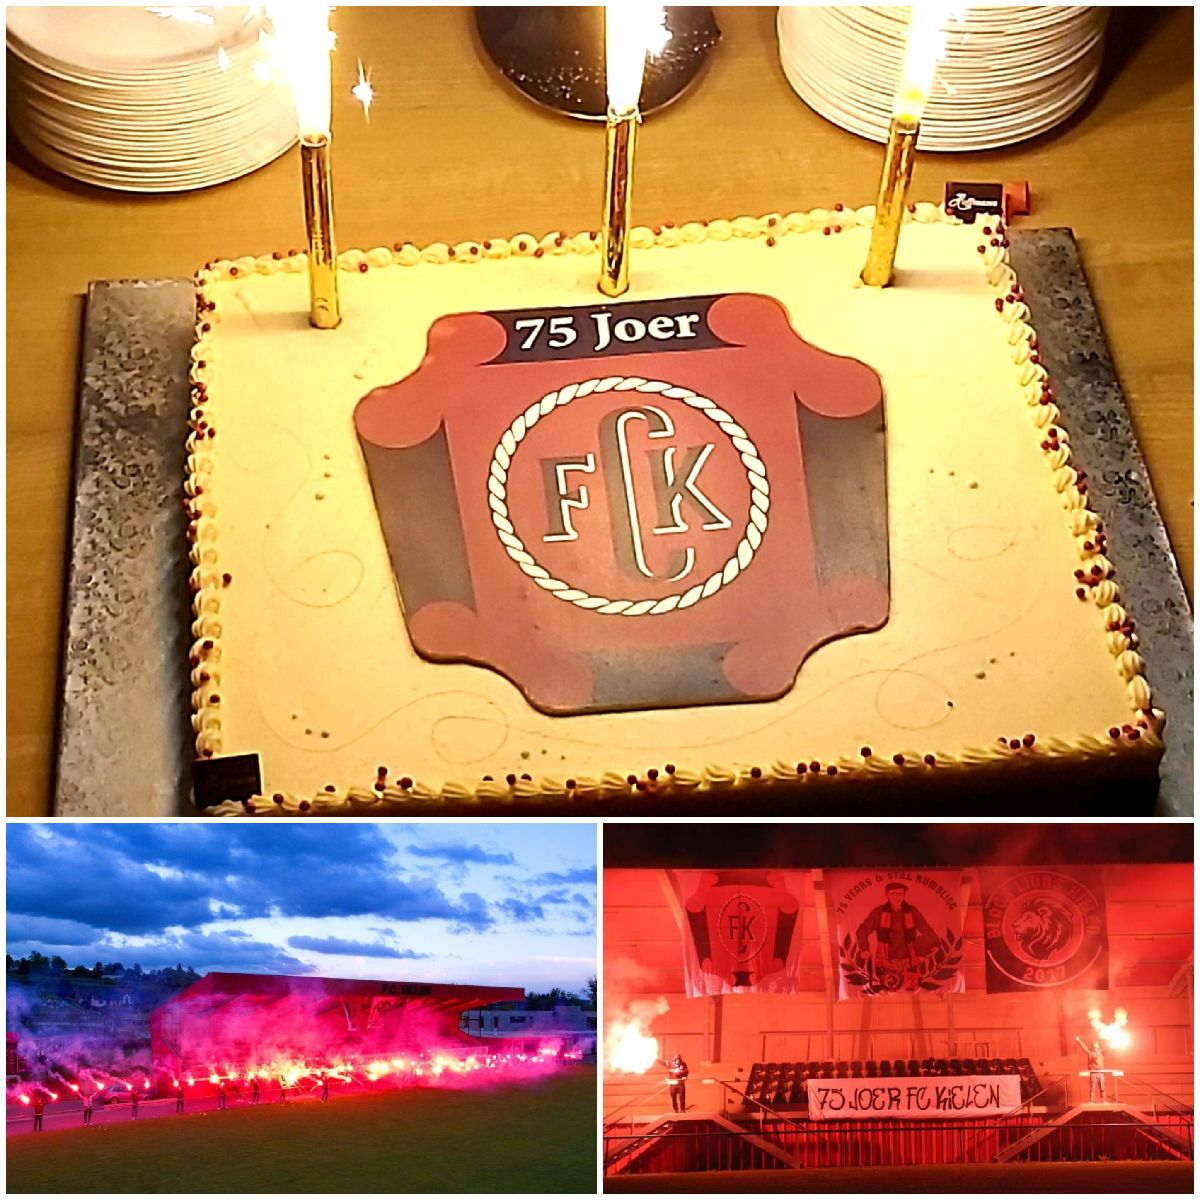 Alles Guddes fir deng 75 Joer FC Kielen